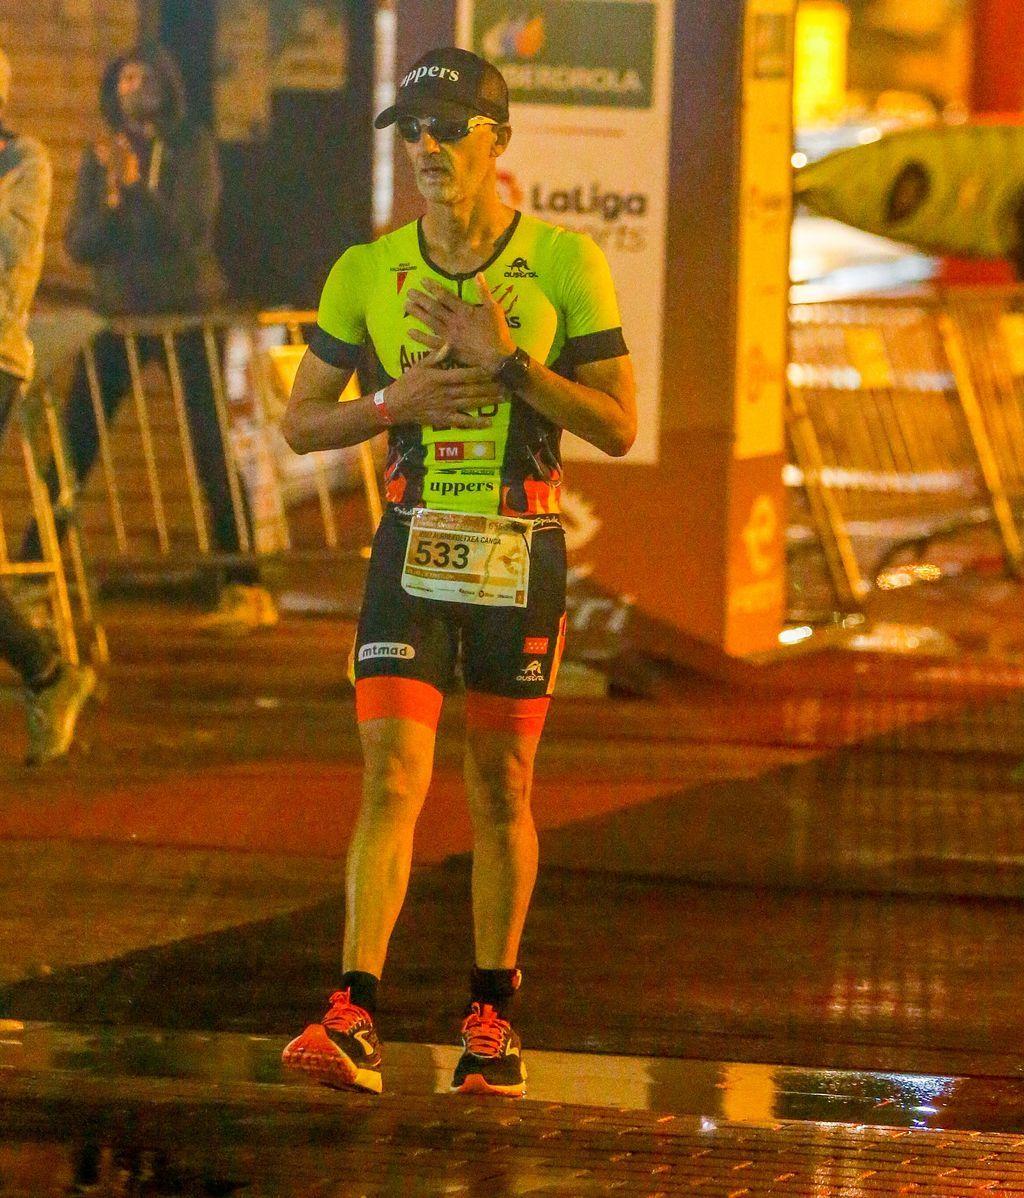 Aurrekoetxea finalizando el medio triathlón de Bilbao